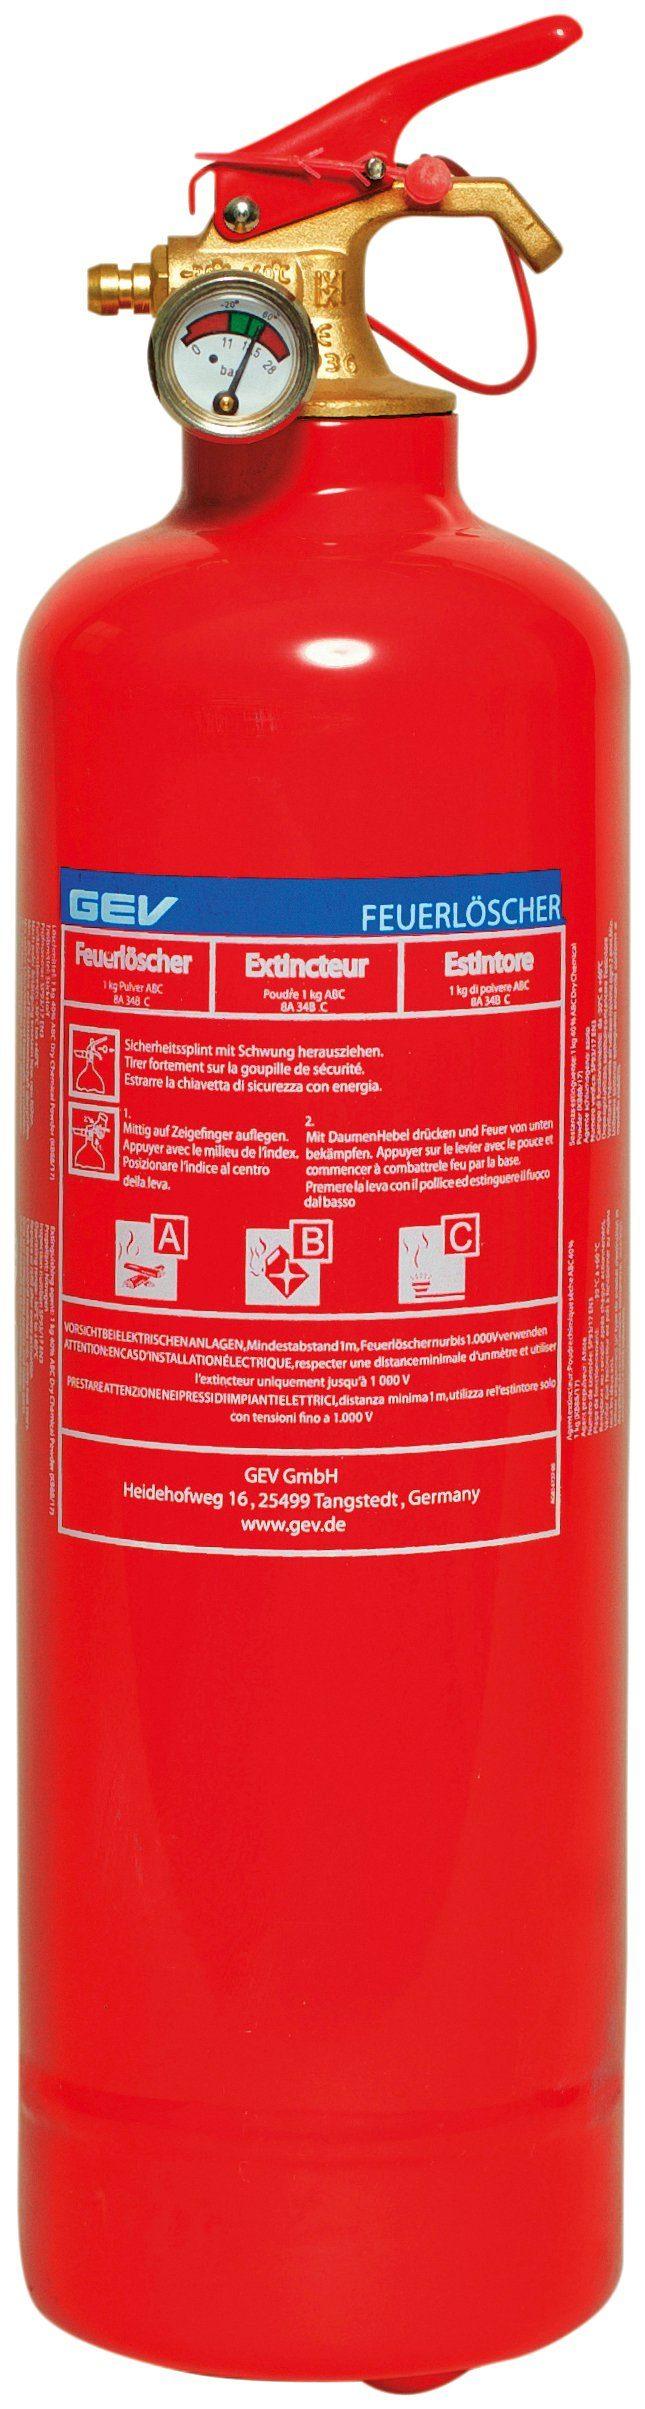 GEV Feuerlöscher »Pulverlöscher 1 kg«, für Haus, Auto und Camping